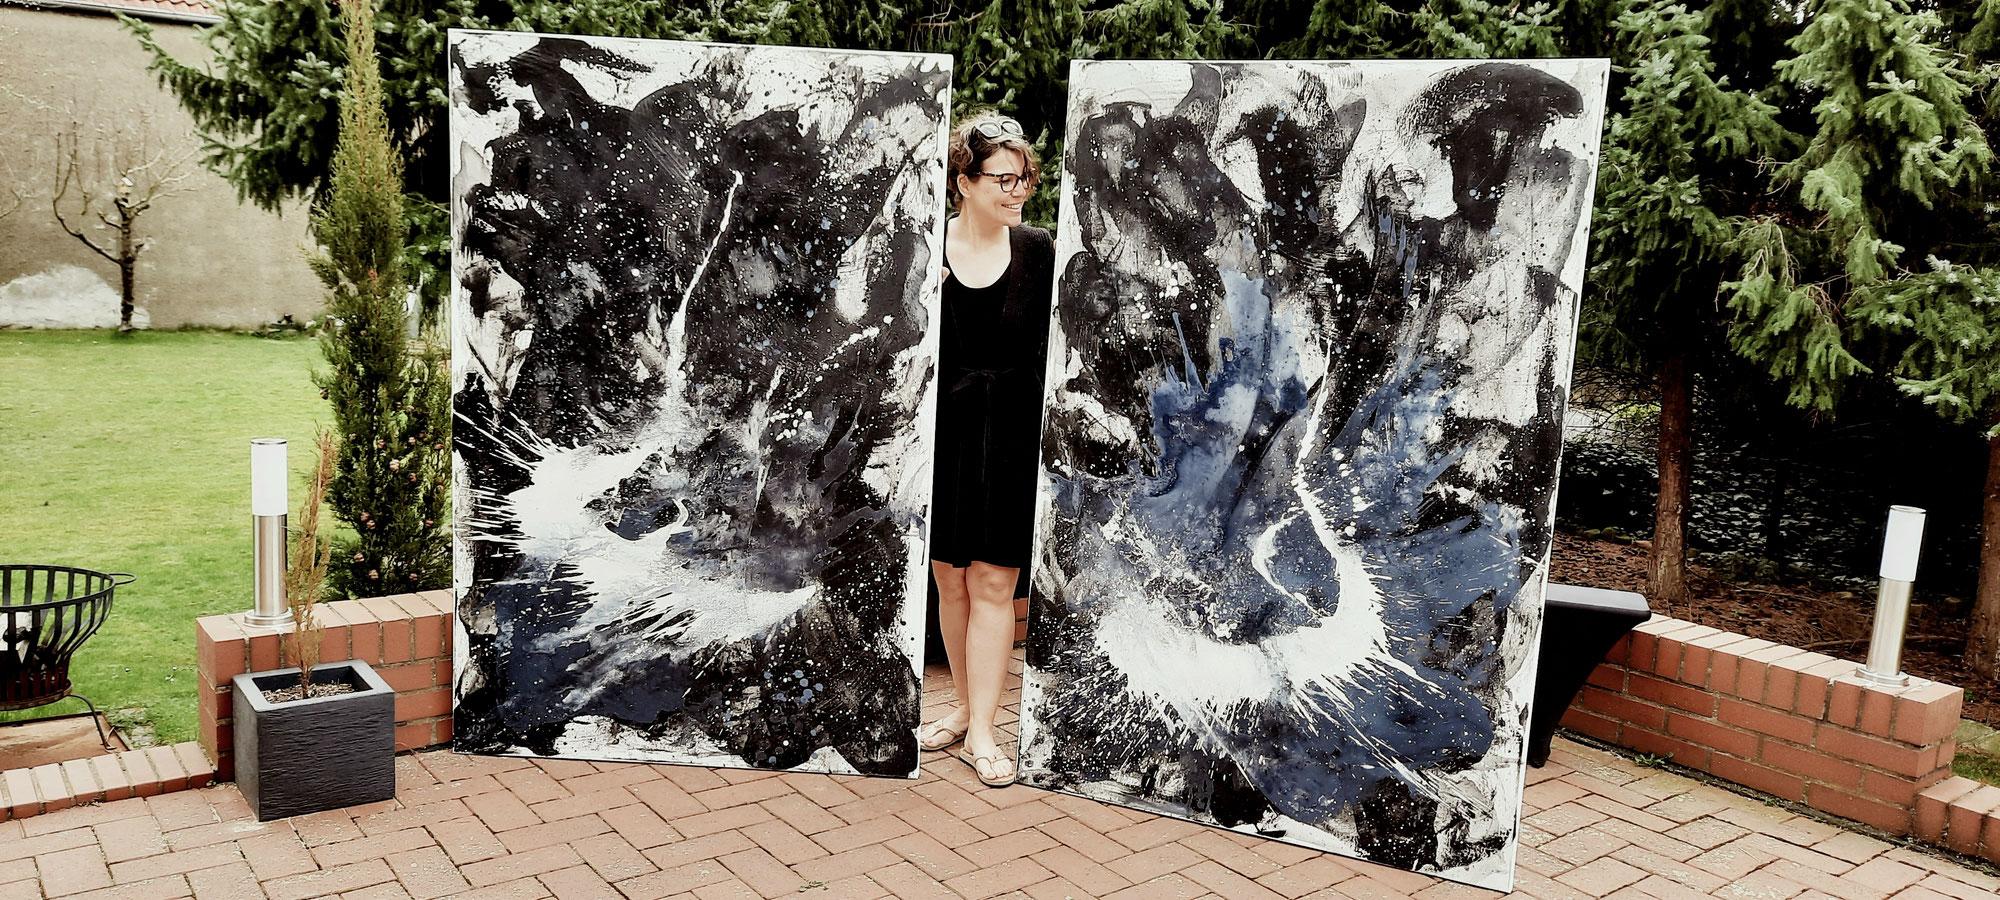 xxl Bilder in schwarzweiß